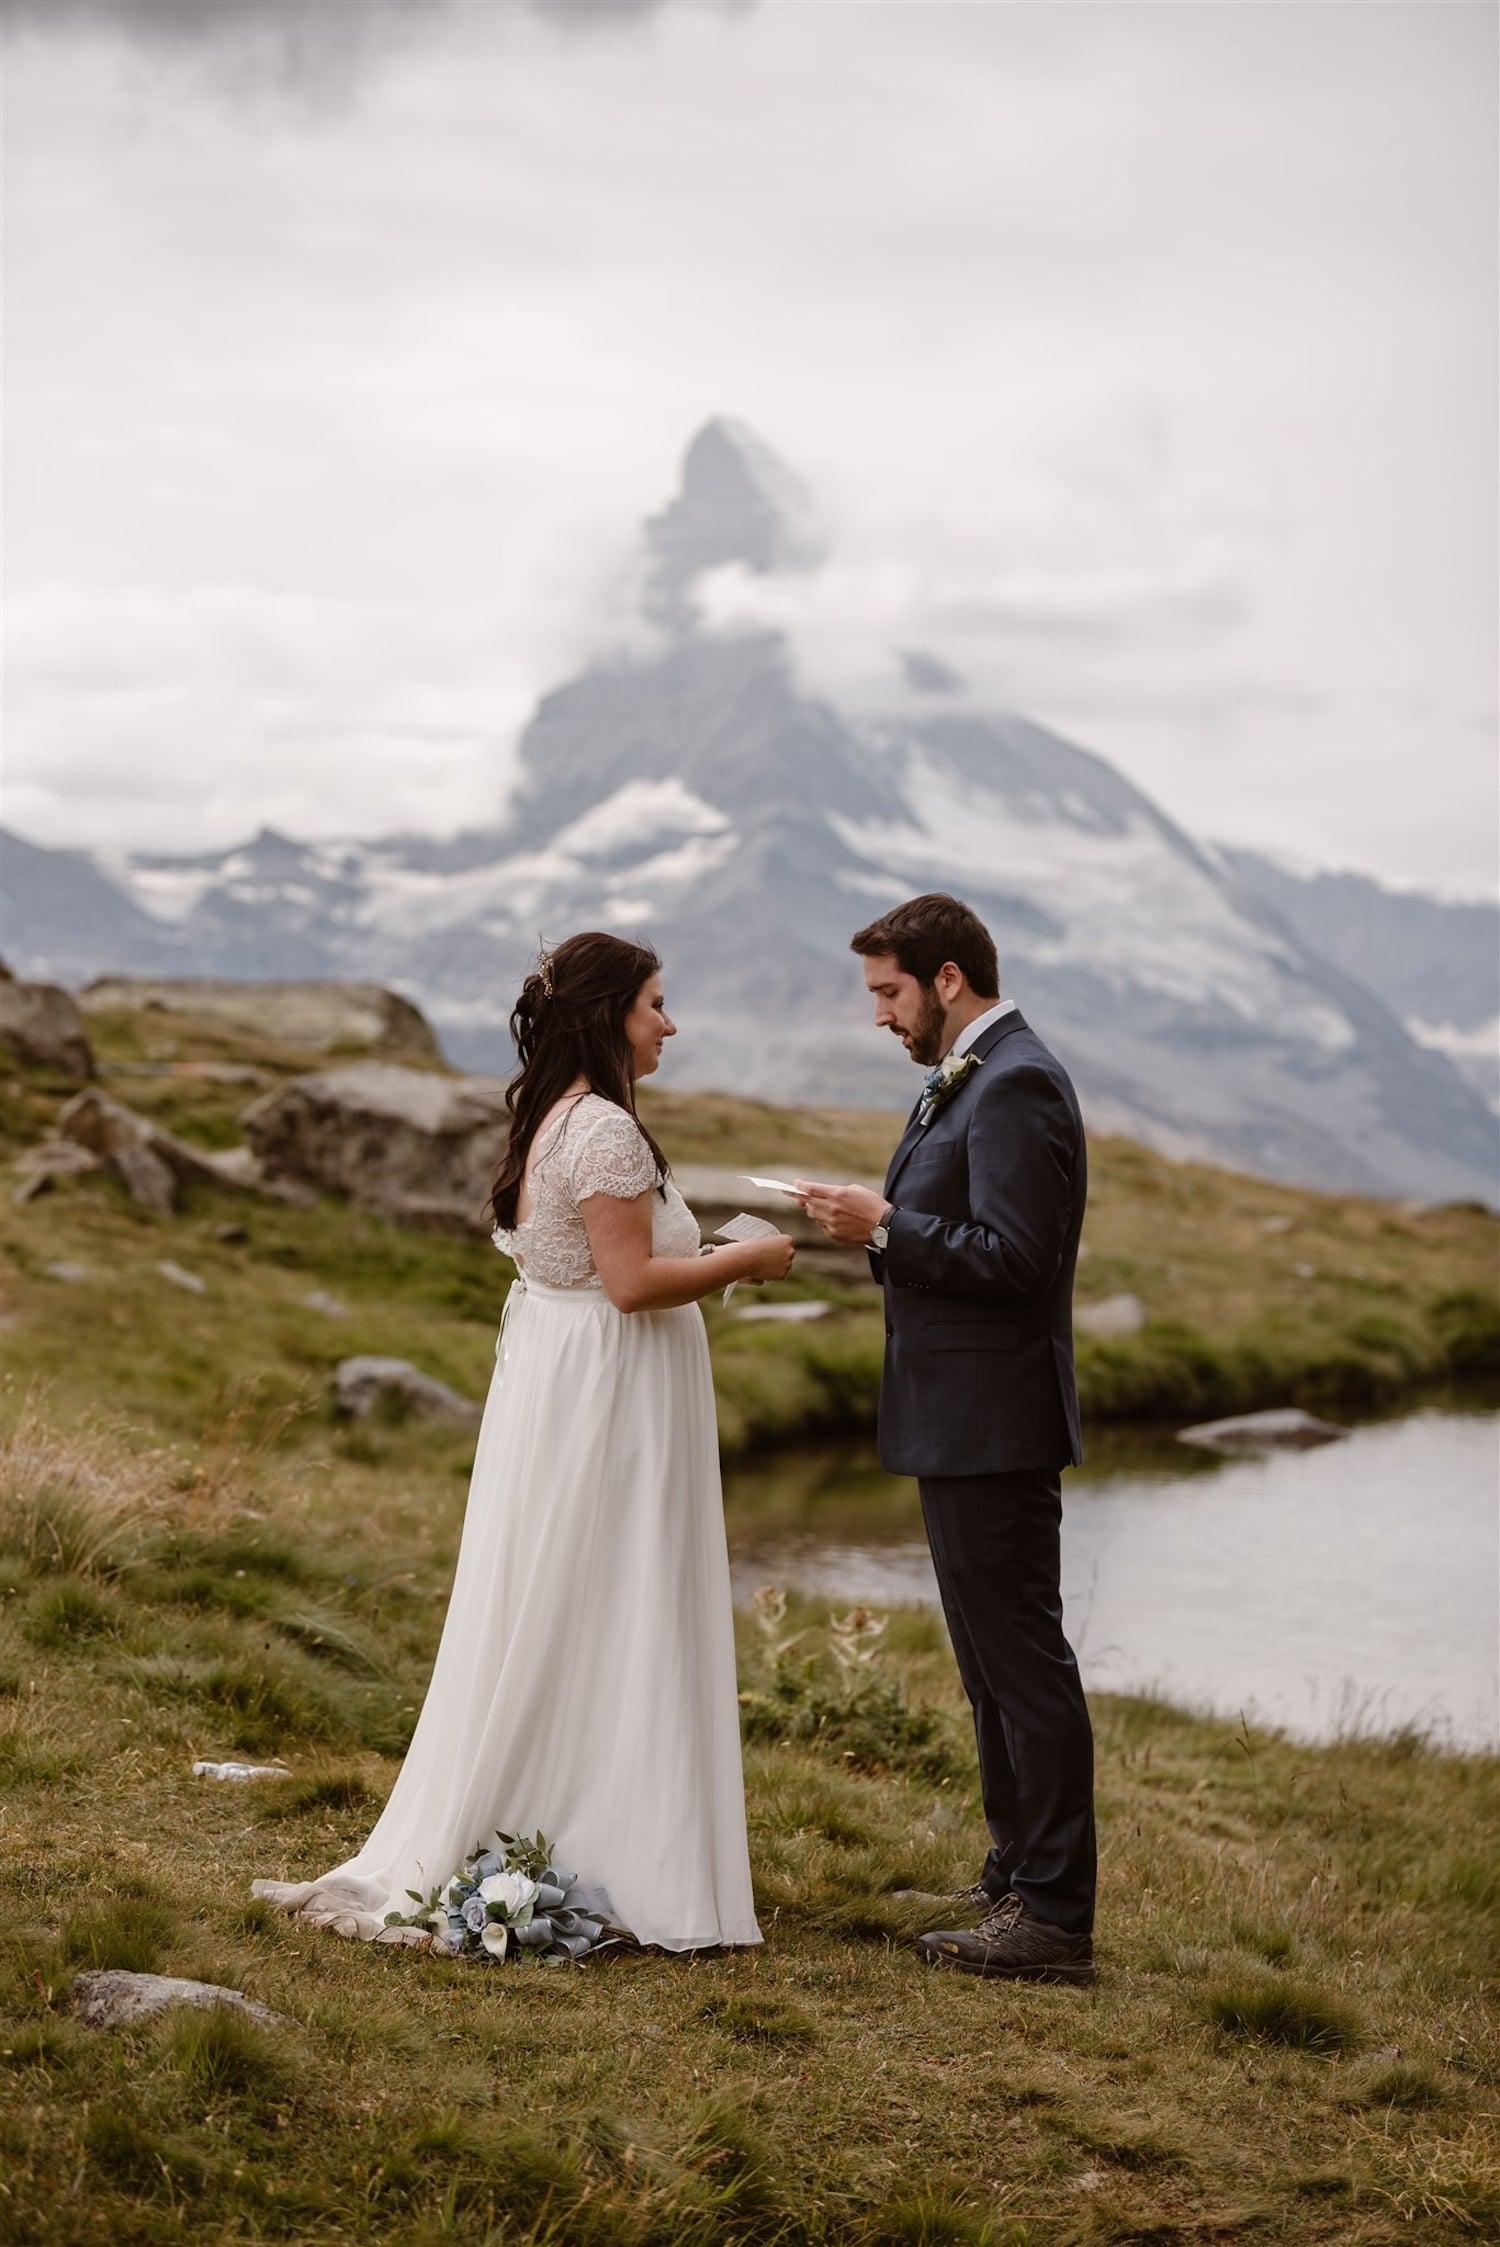 Couple exchanging vows in front of the Matterhorn in Zermatt